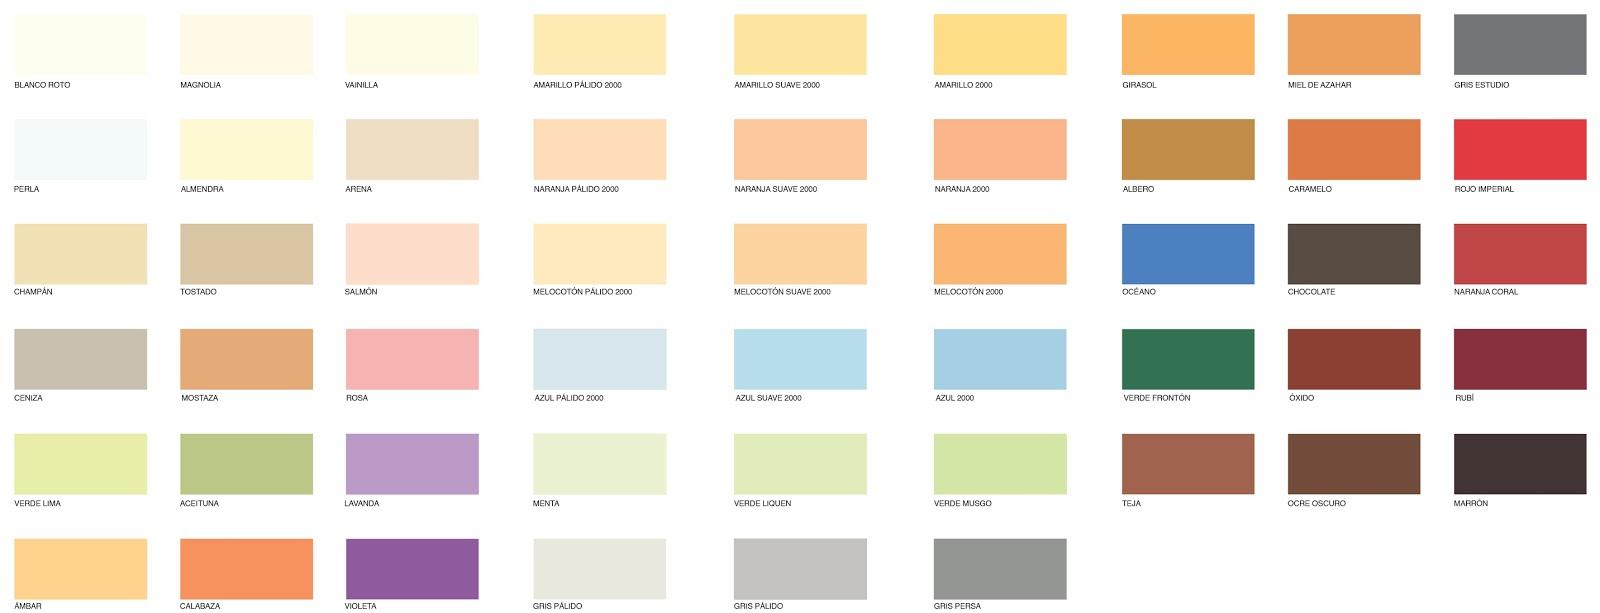 El rinc n de dibujo art stico nombres y paletas de colores - Nombres de colores de pinturas ...